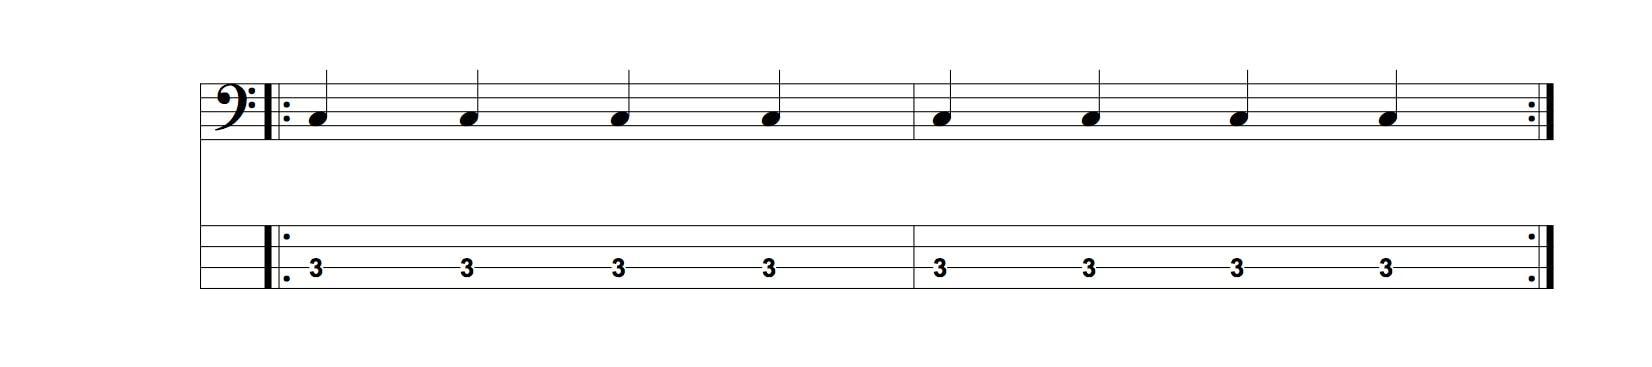 le rythme explique aux bassistes debutants - rythme bassistes debutants